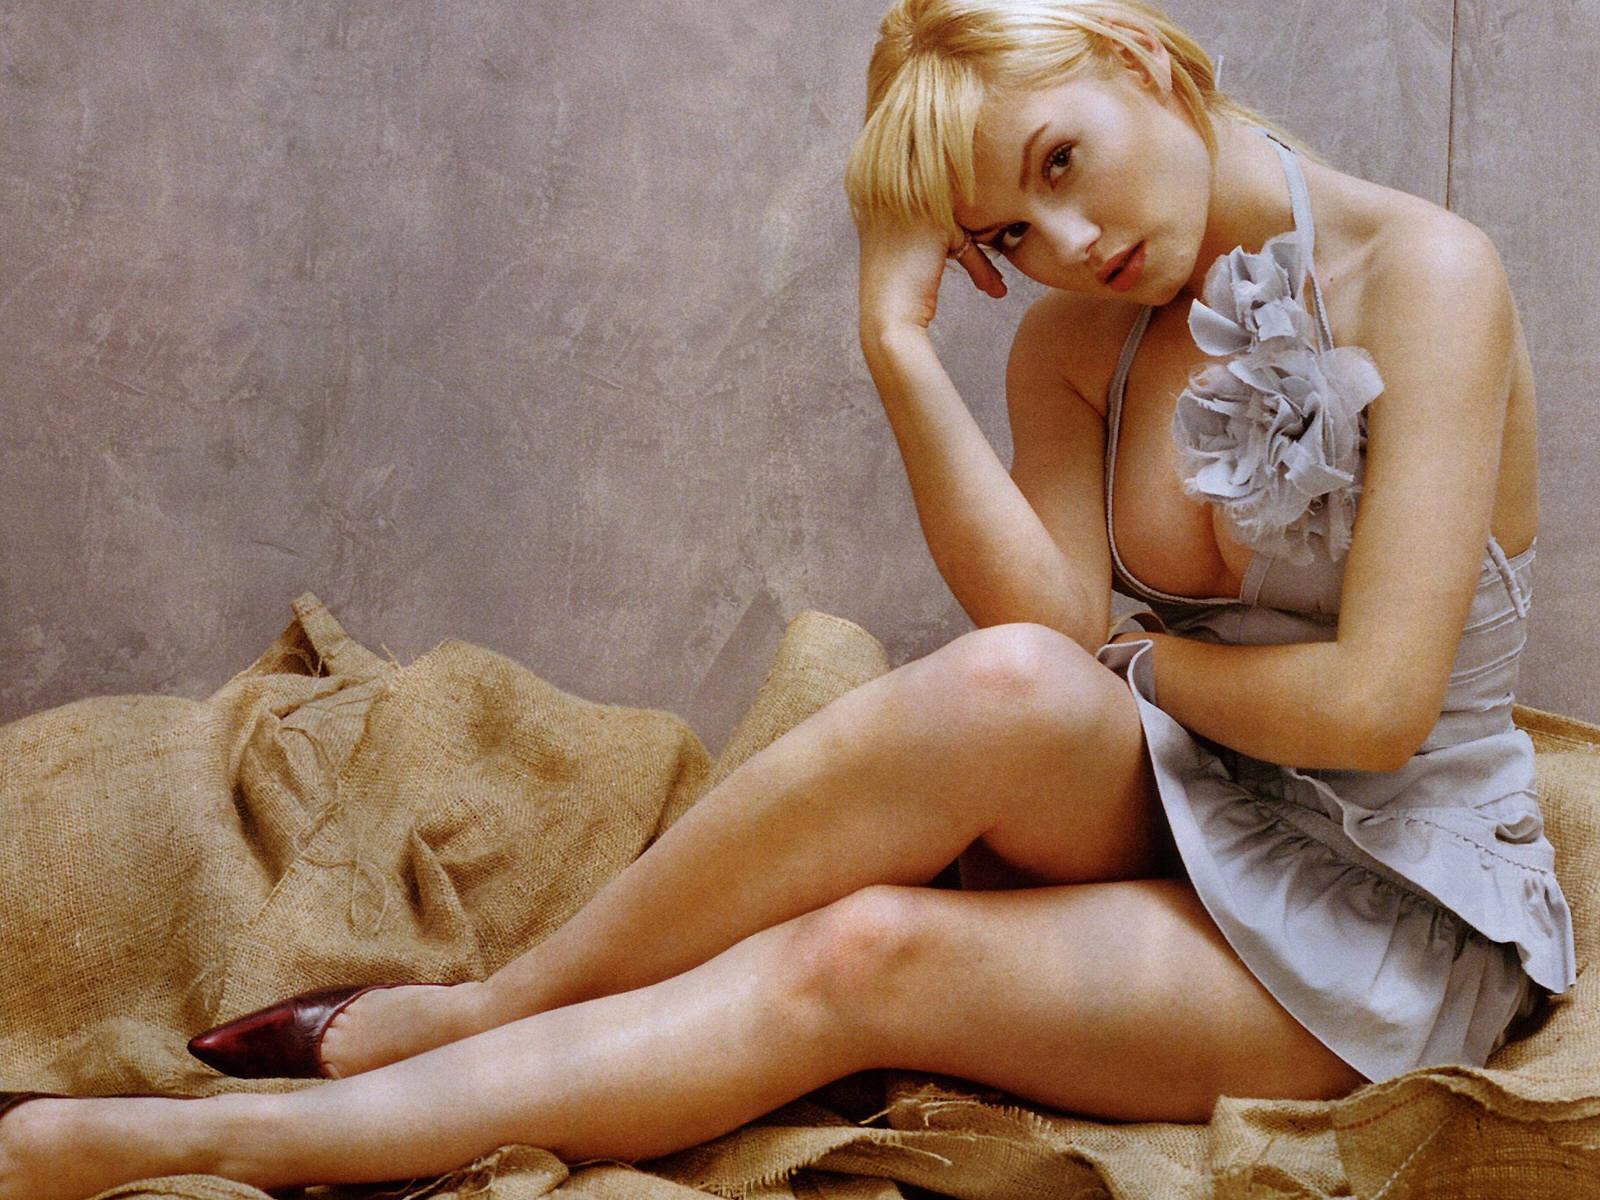 http://2.bp.blogspot.com/-Fyl1FteE7Tc/TeIQLmhvpMI/AAAAAAAAACY/Xmp1ROhqBaM/s1600/Elisha_Cuthbert_0114_1600x1200_Wallpaper.jpg